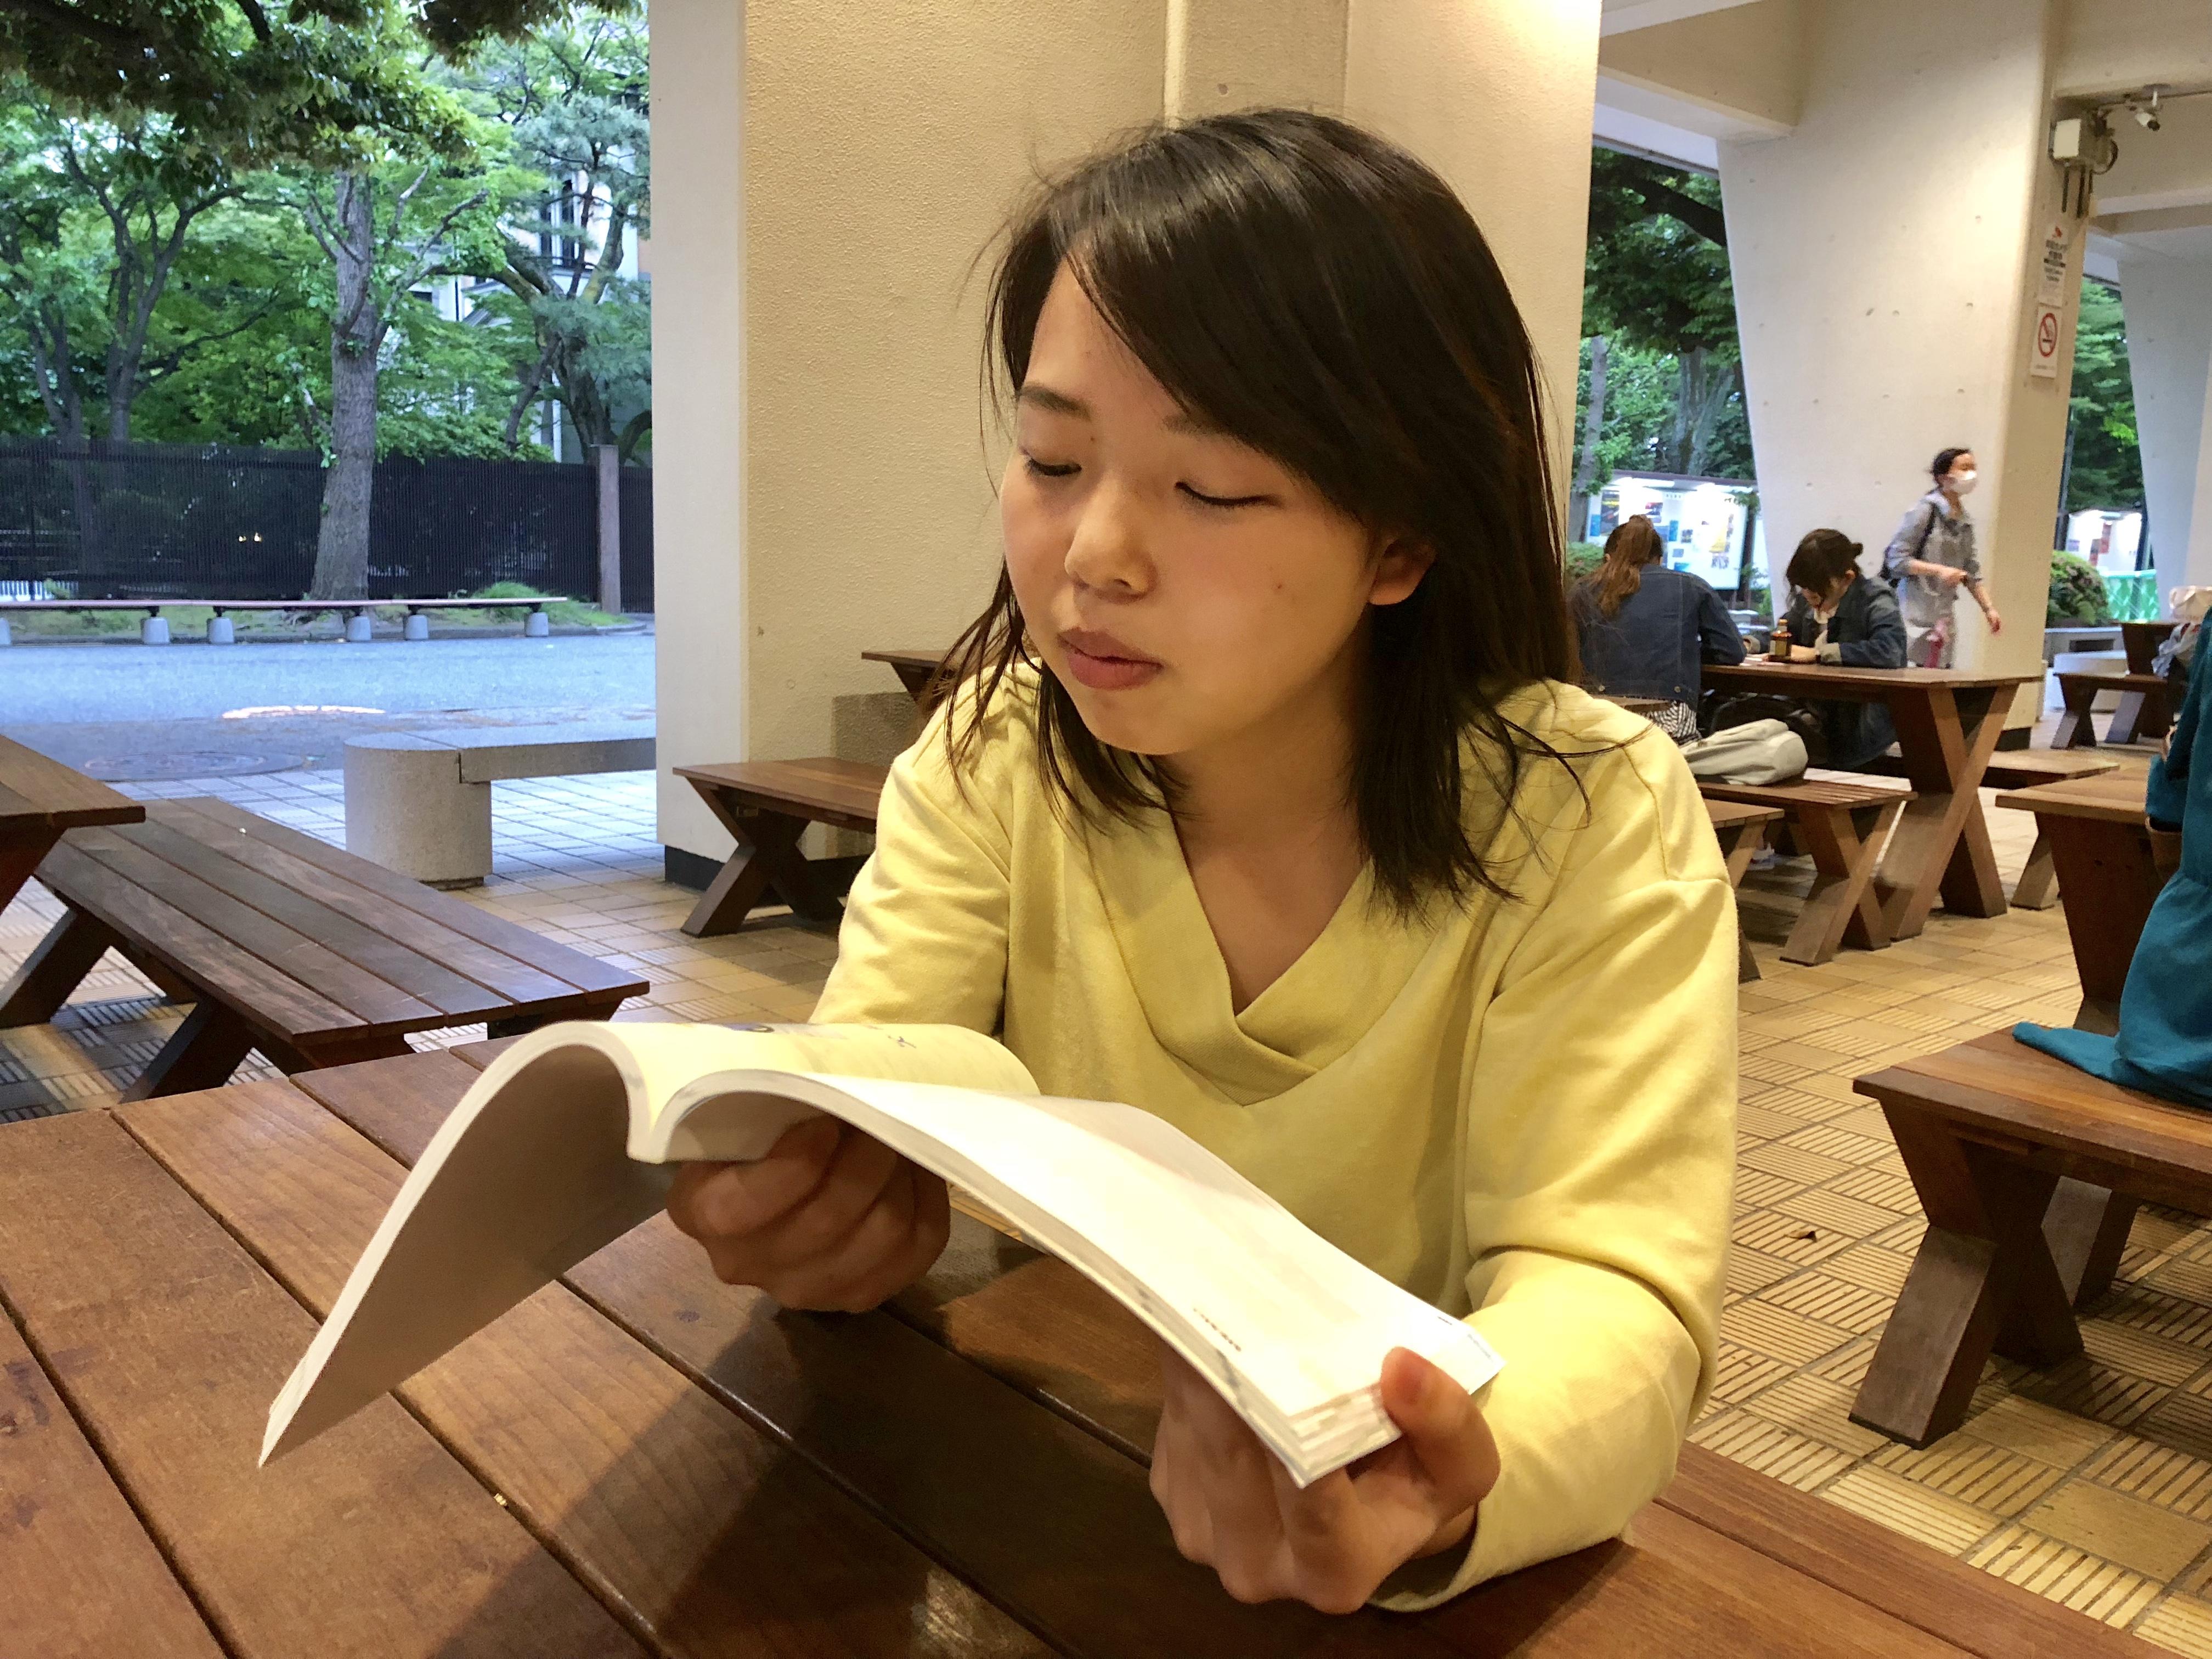 上智大学の構内で本を読む佐々木バージニアの写真